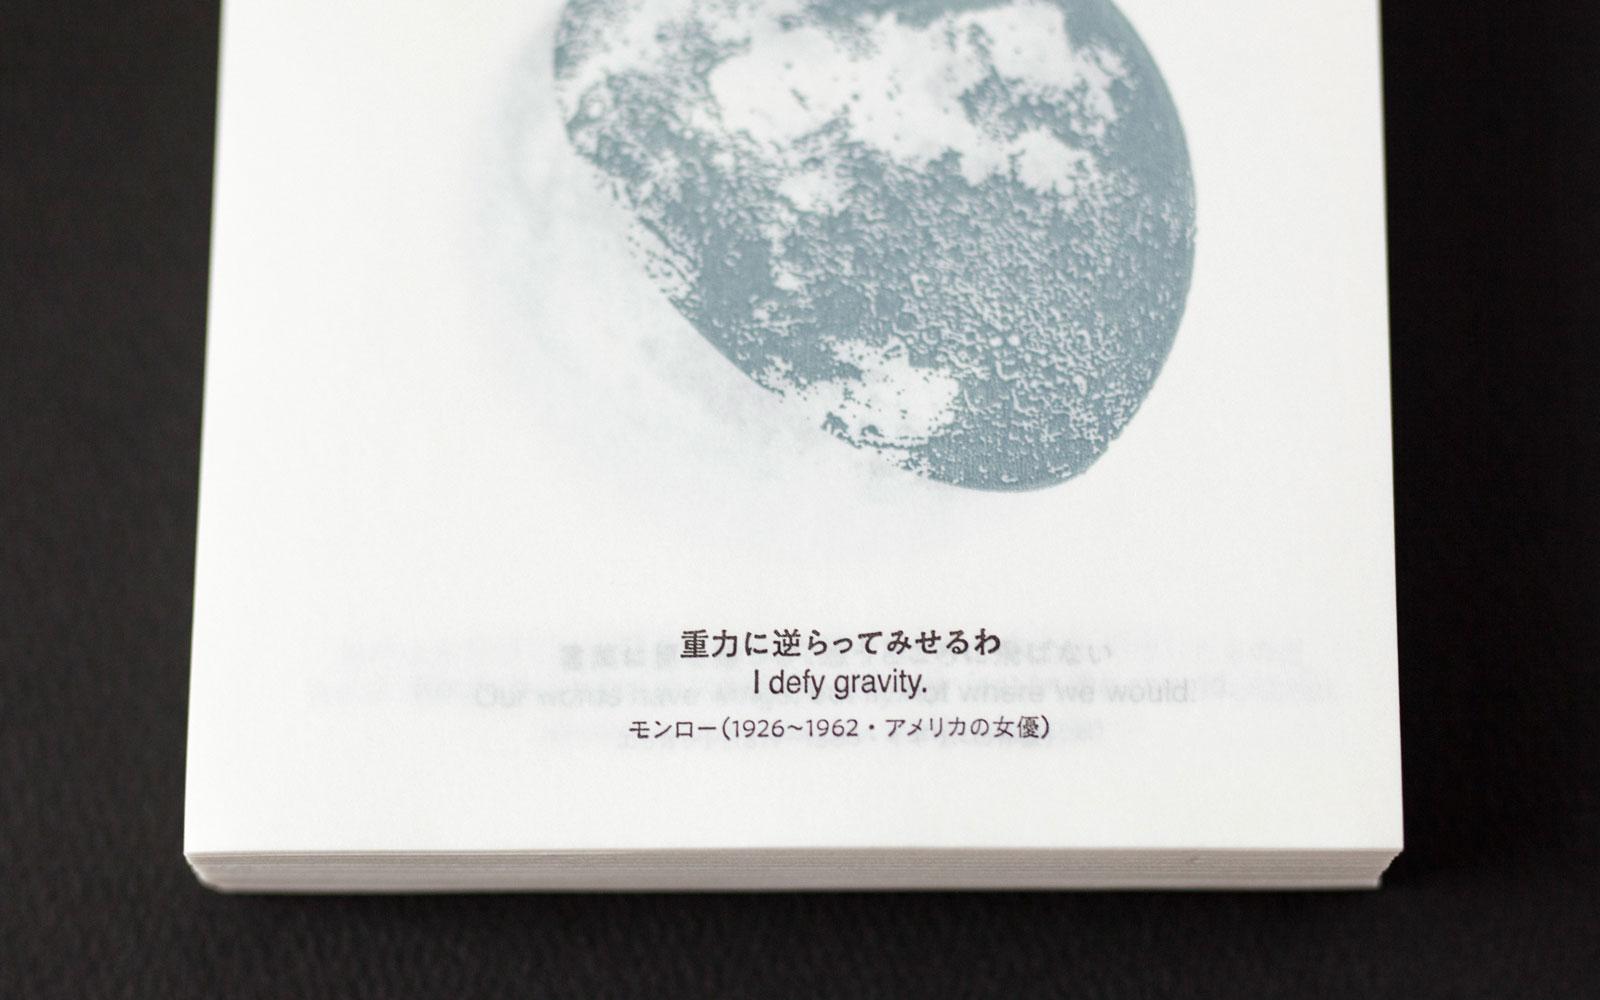 月の満ち欠けや流星群、星座などを教えてくれる、おしゃれな日めくりカレンダー2022年版